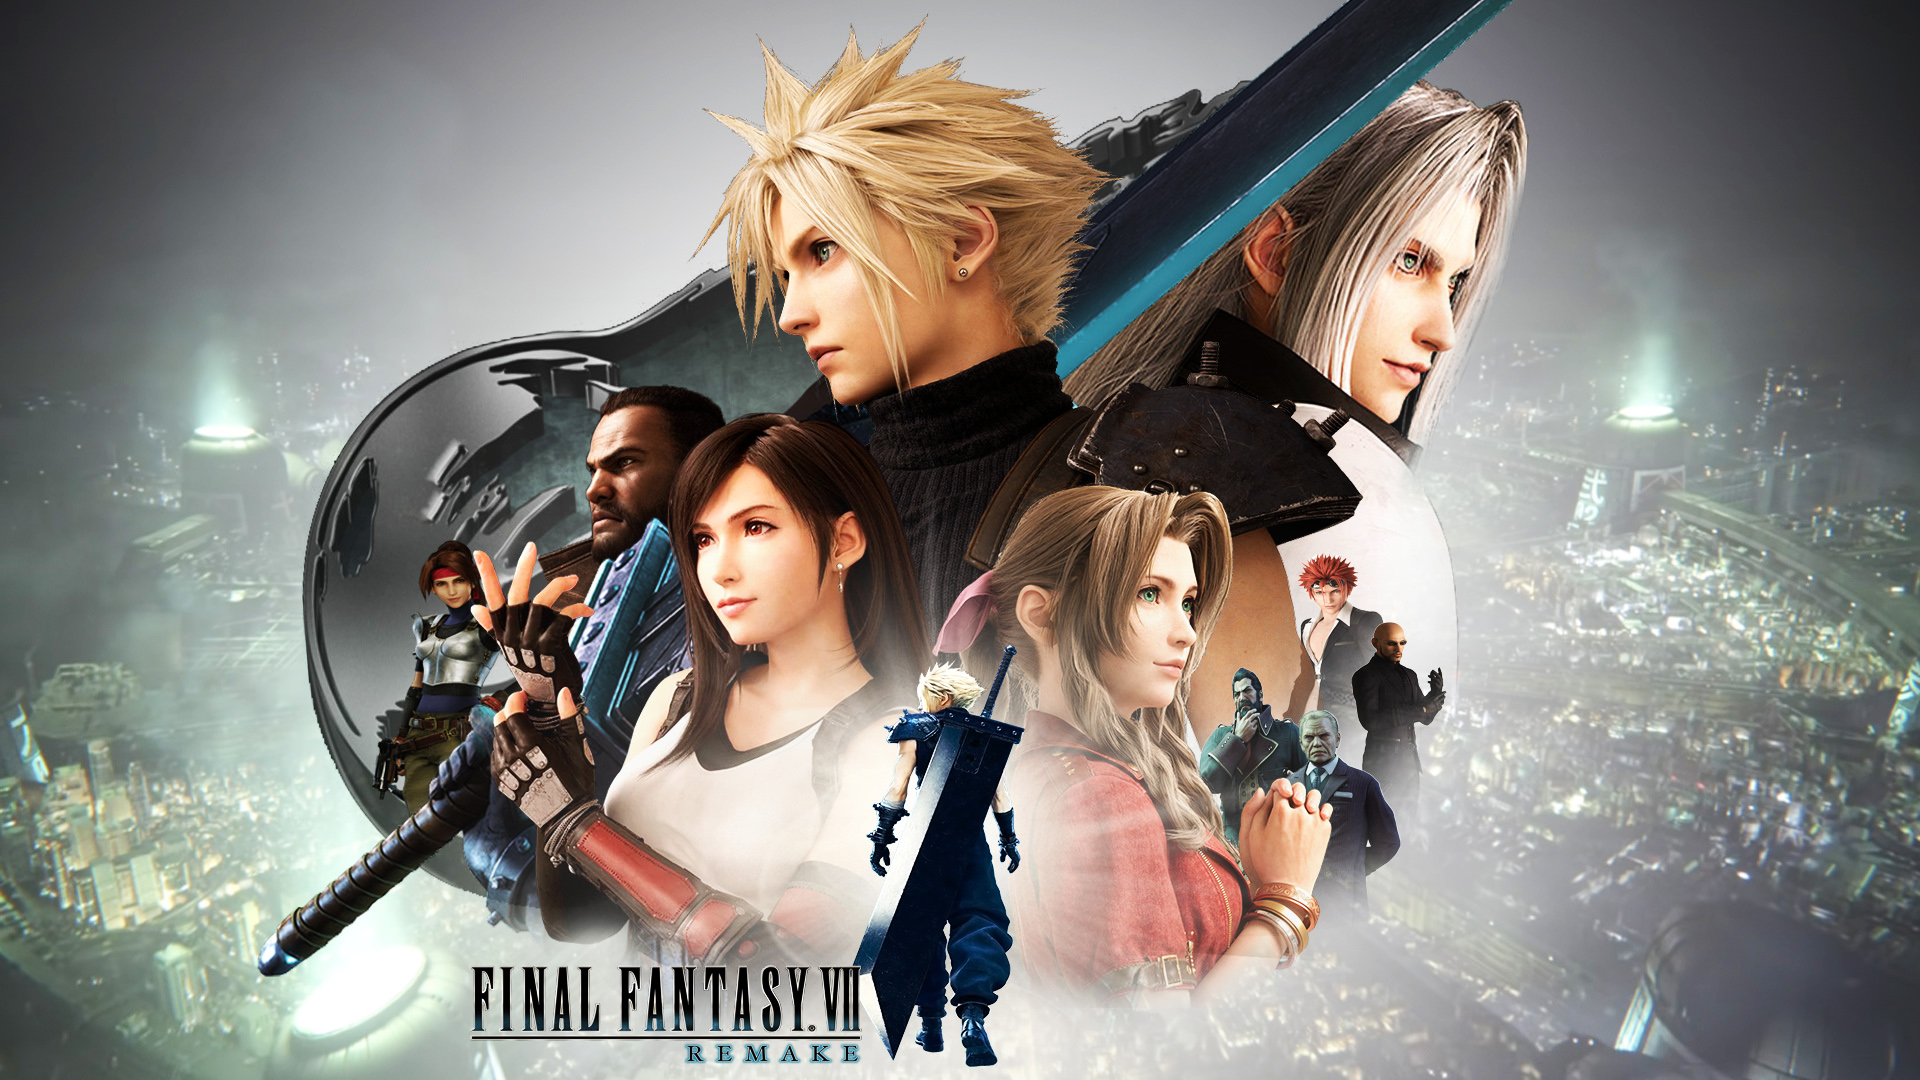 Final Fantasy Vii Remake Wallpaper By The Dark Mamba 995 On Deviantart